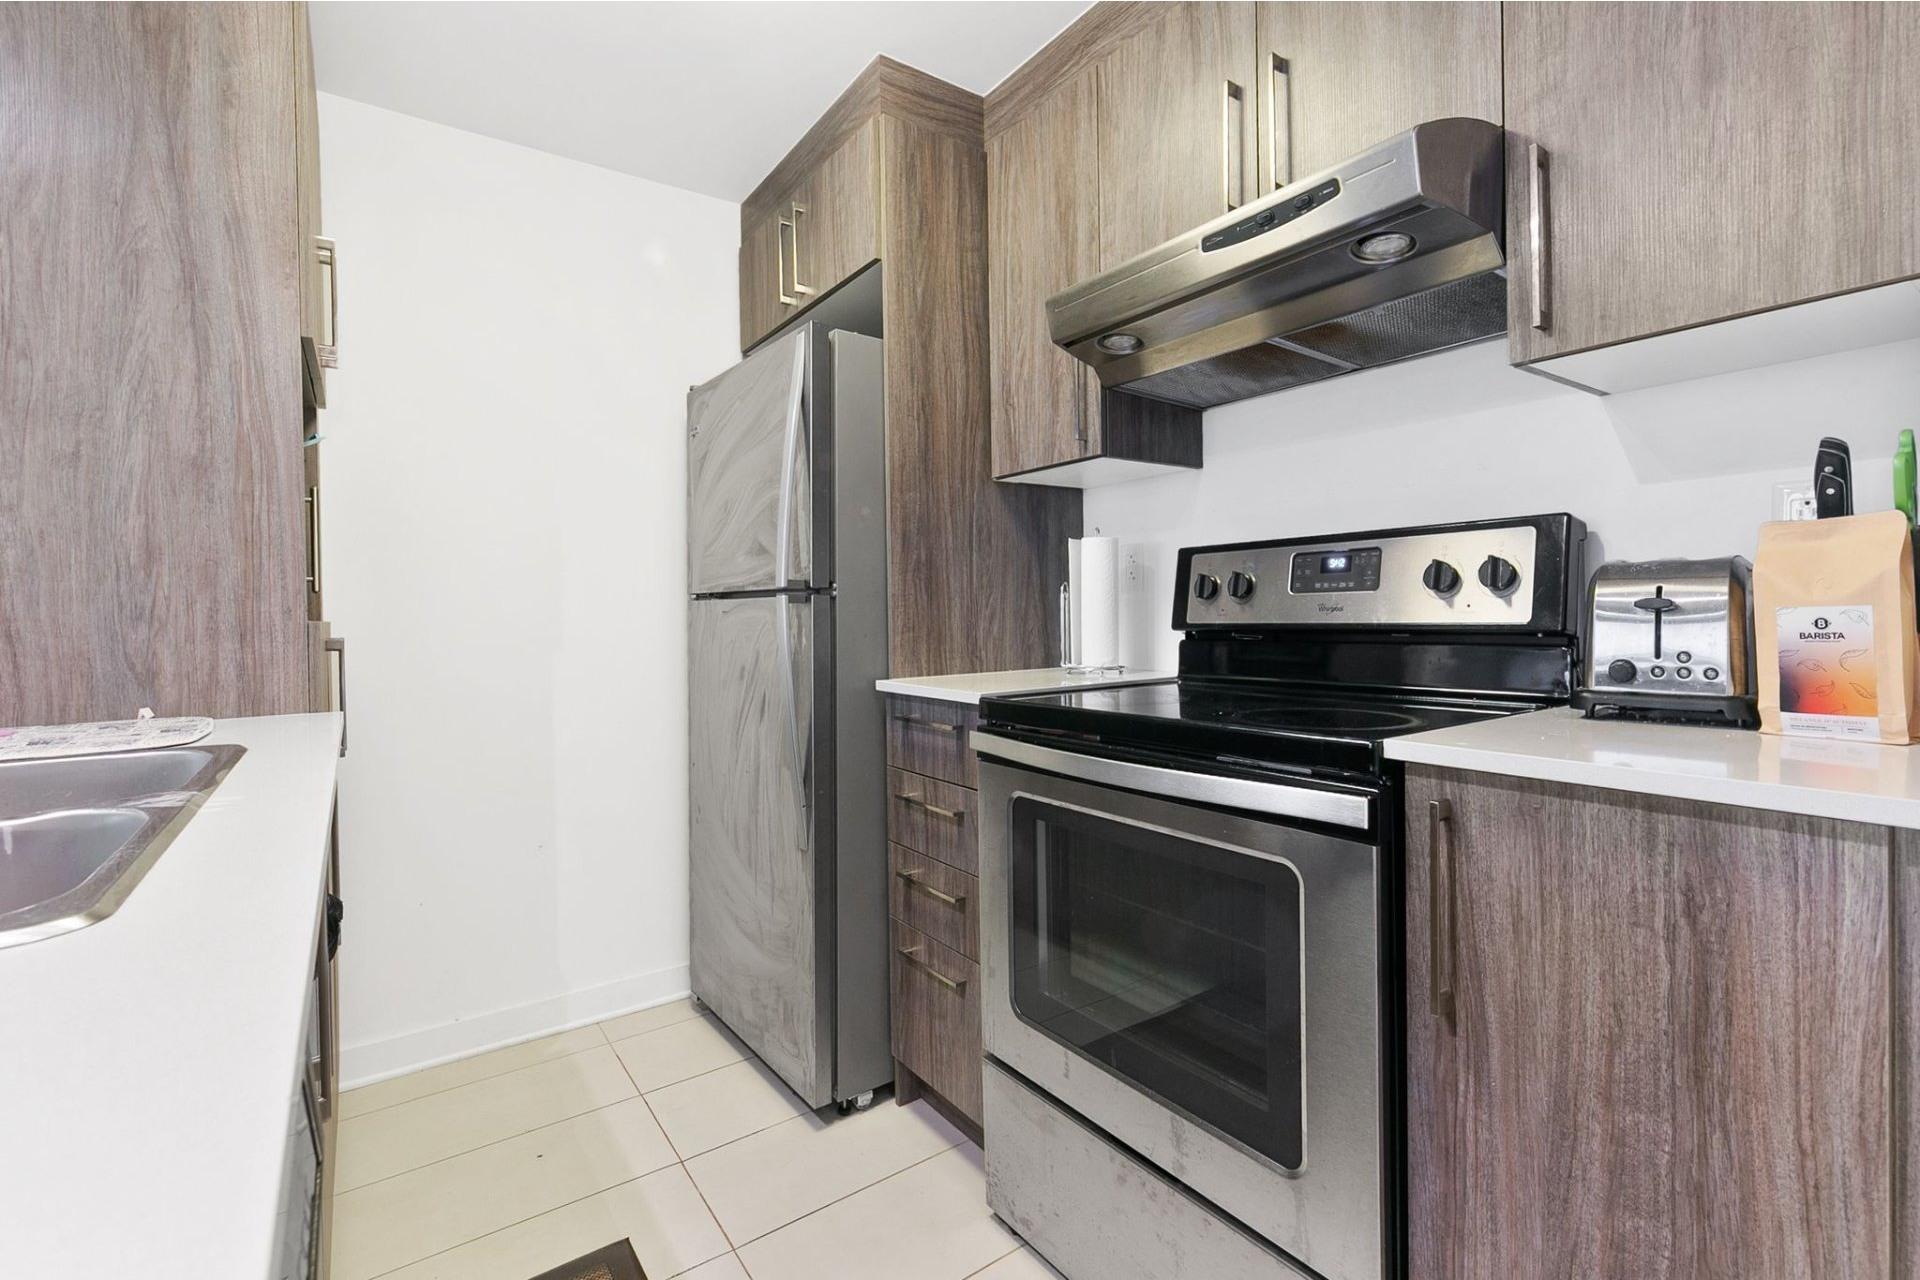 image 5 - Appartement À louer Ahuntsic-Cartierville Montréal  - 4 pièces